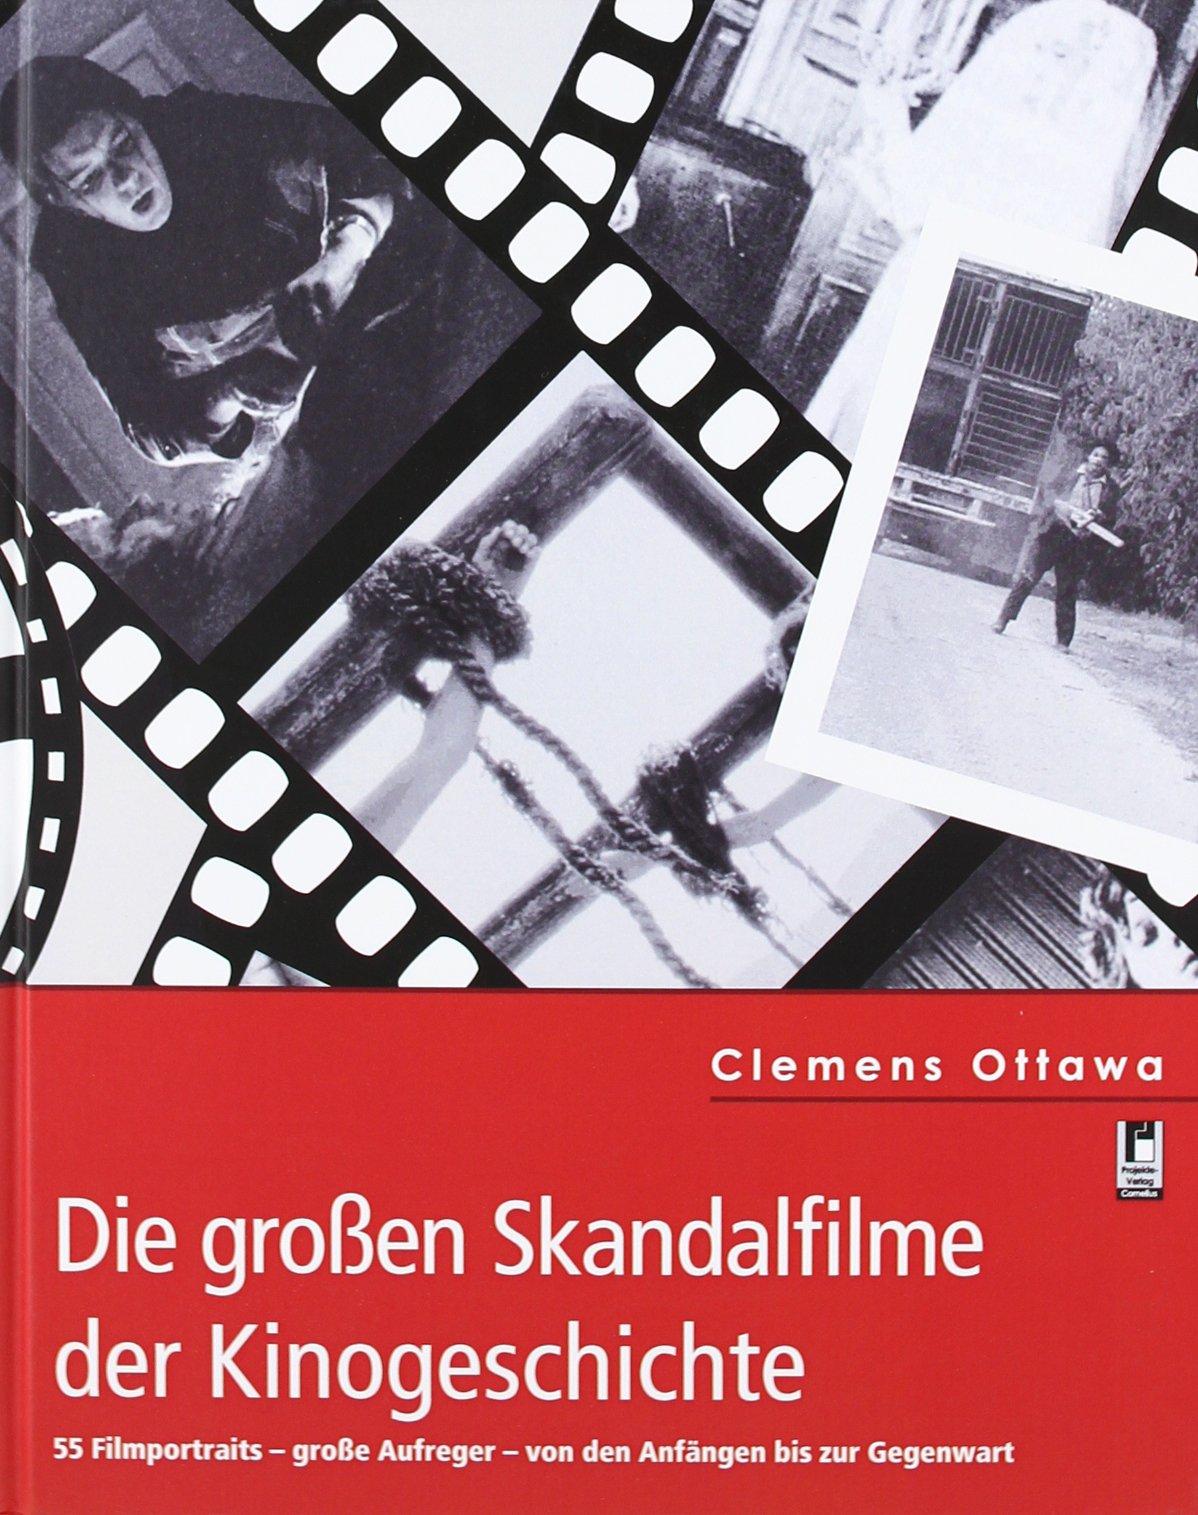 die-grossen-skandalfilme-der-kinogeschichte-55-filmportrts-grosse-aufreger-von-den-anfngen-bis-zur-gegenwart